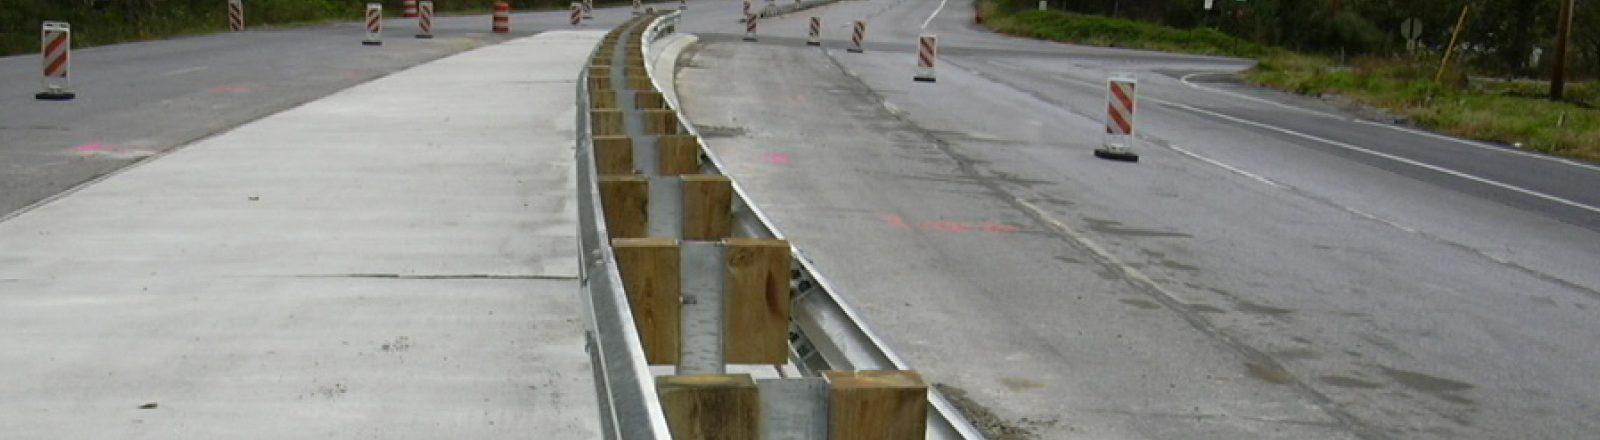 Guard Rails, Fences, Signs & More